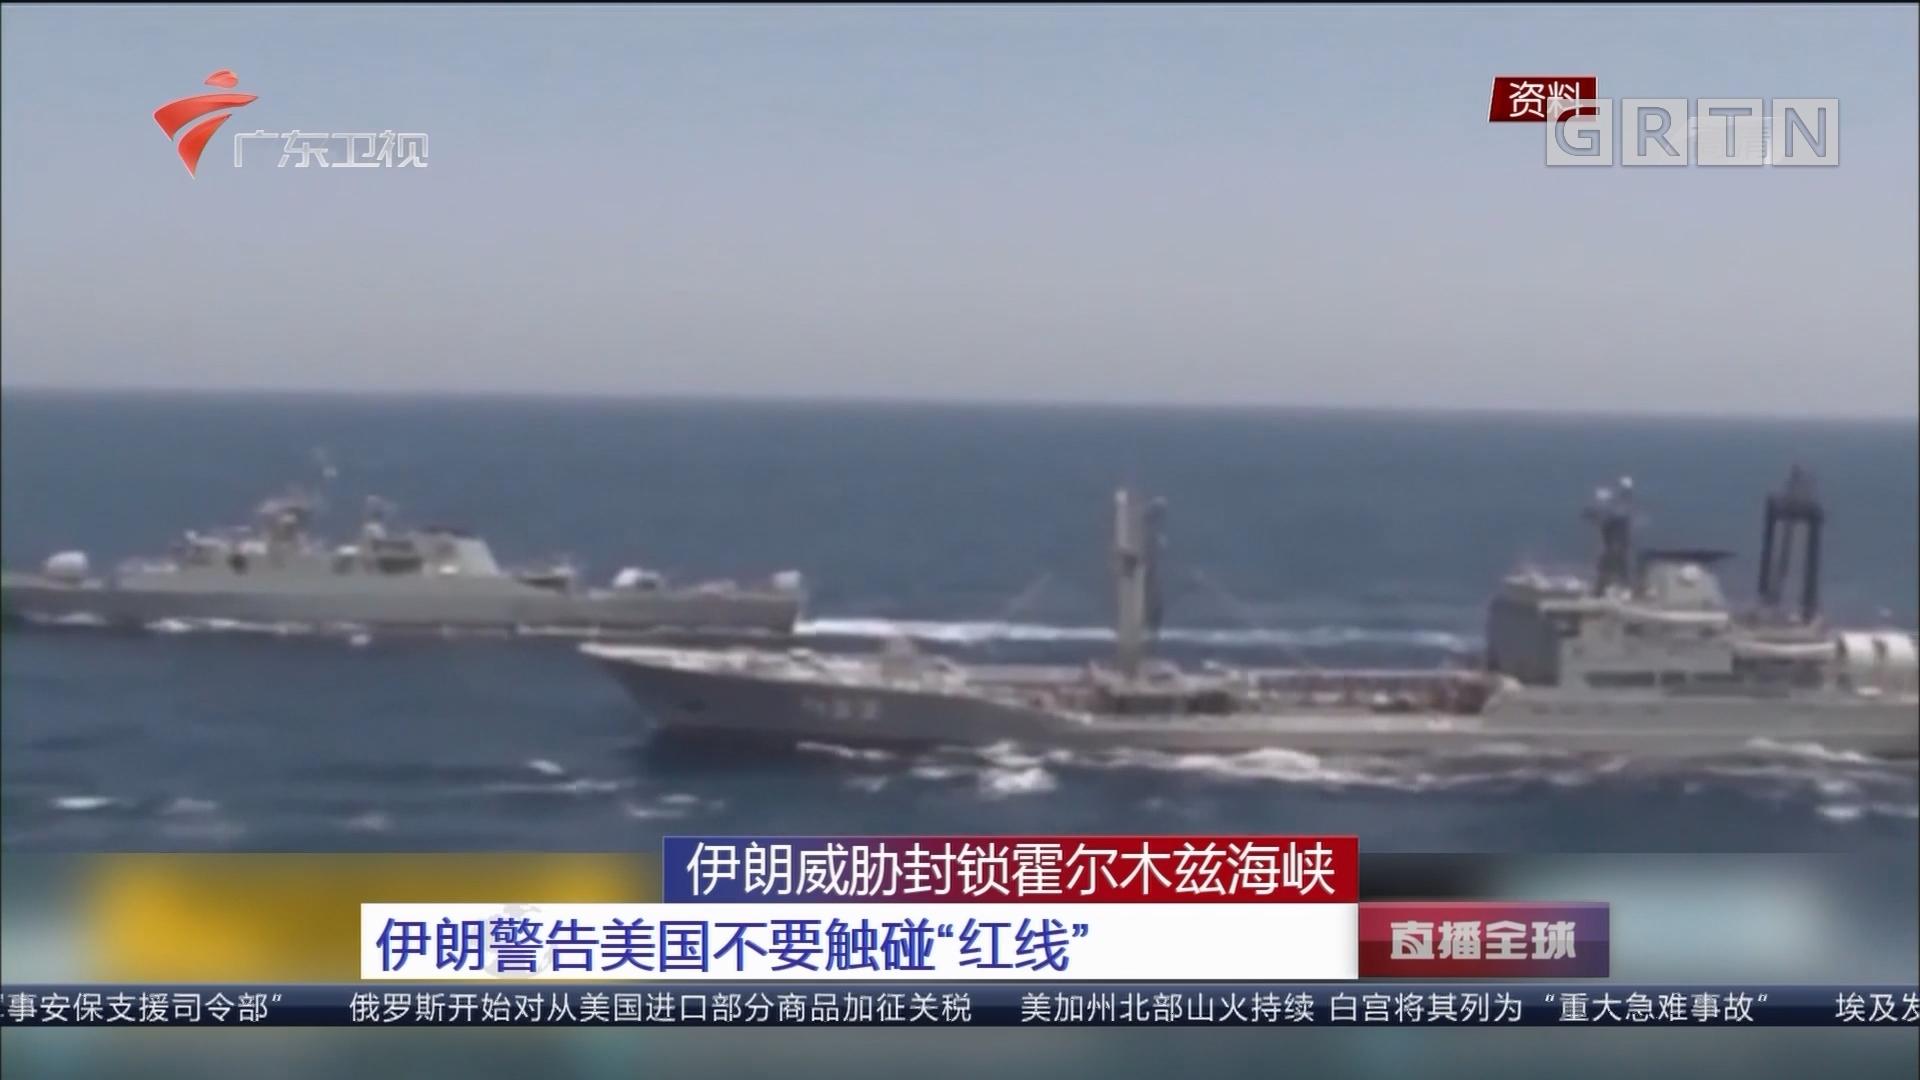 """伊朗威胁封锁霍尔木兹海峡:伊朗警告美国不要触碰""""红线"""""""